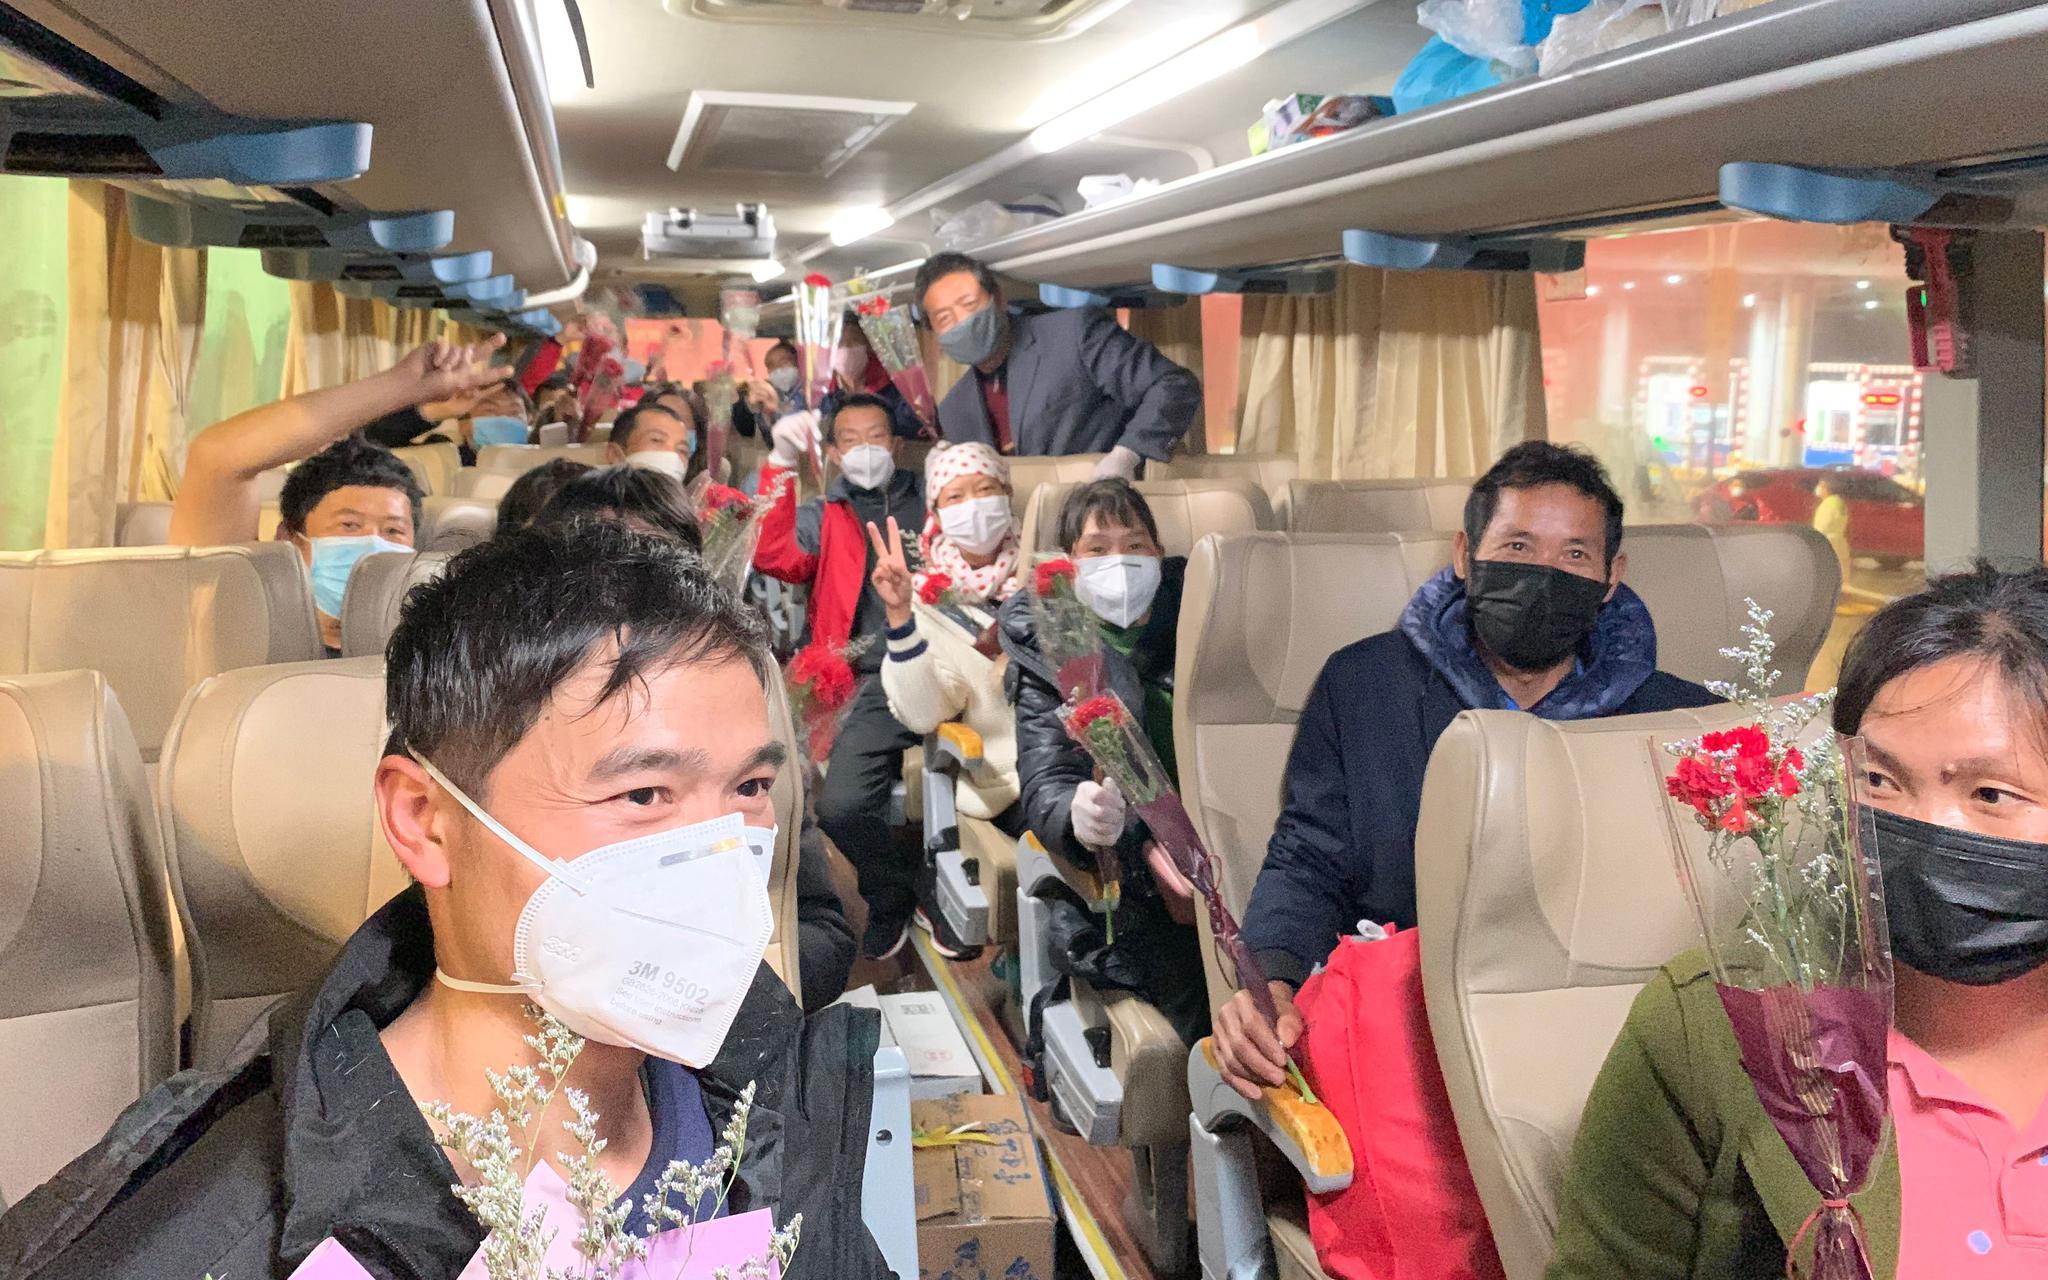 """以色列出台""""超严厉""""防控新冠肺炎疫情措施,日本韩国不满"""